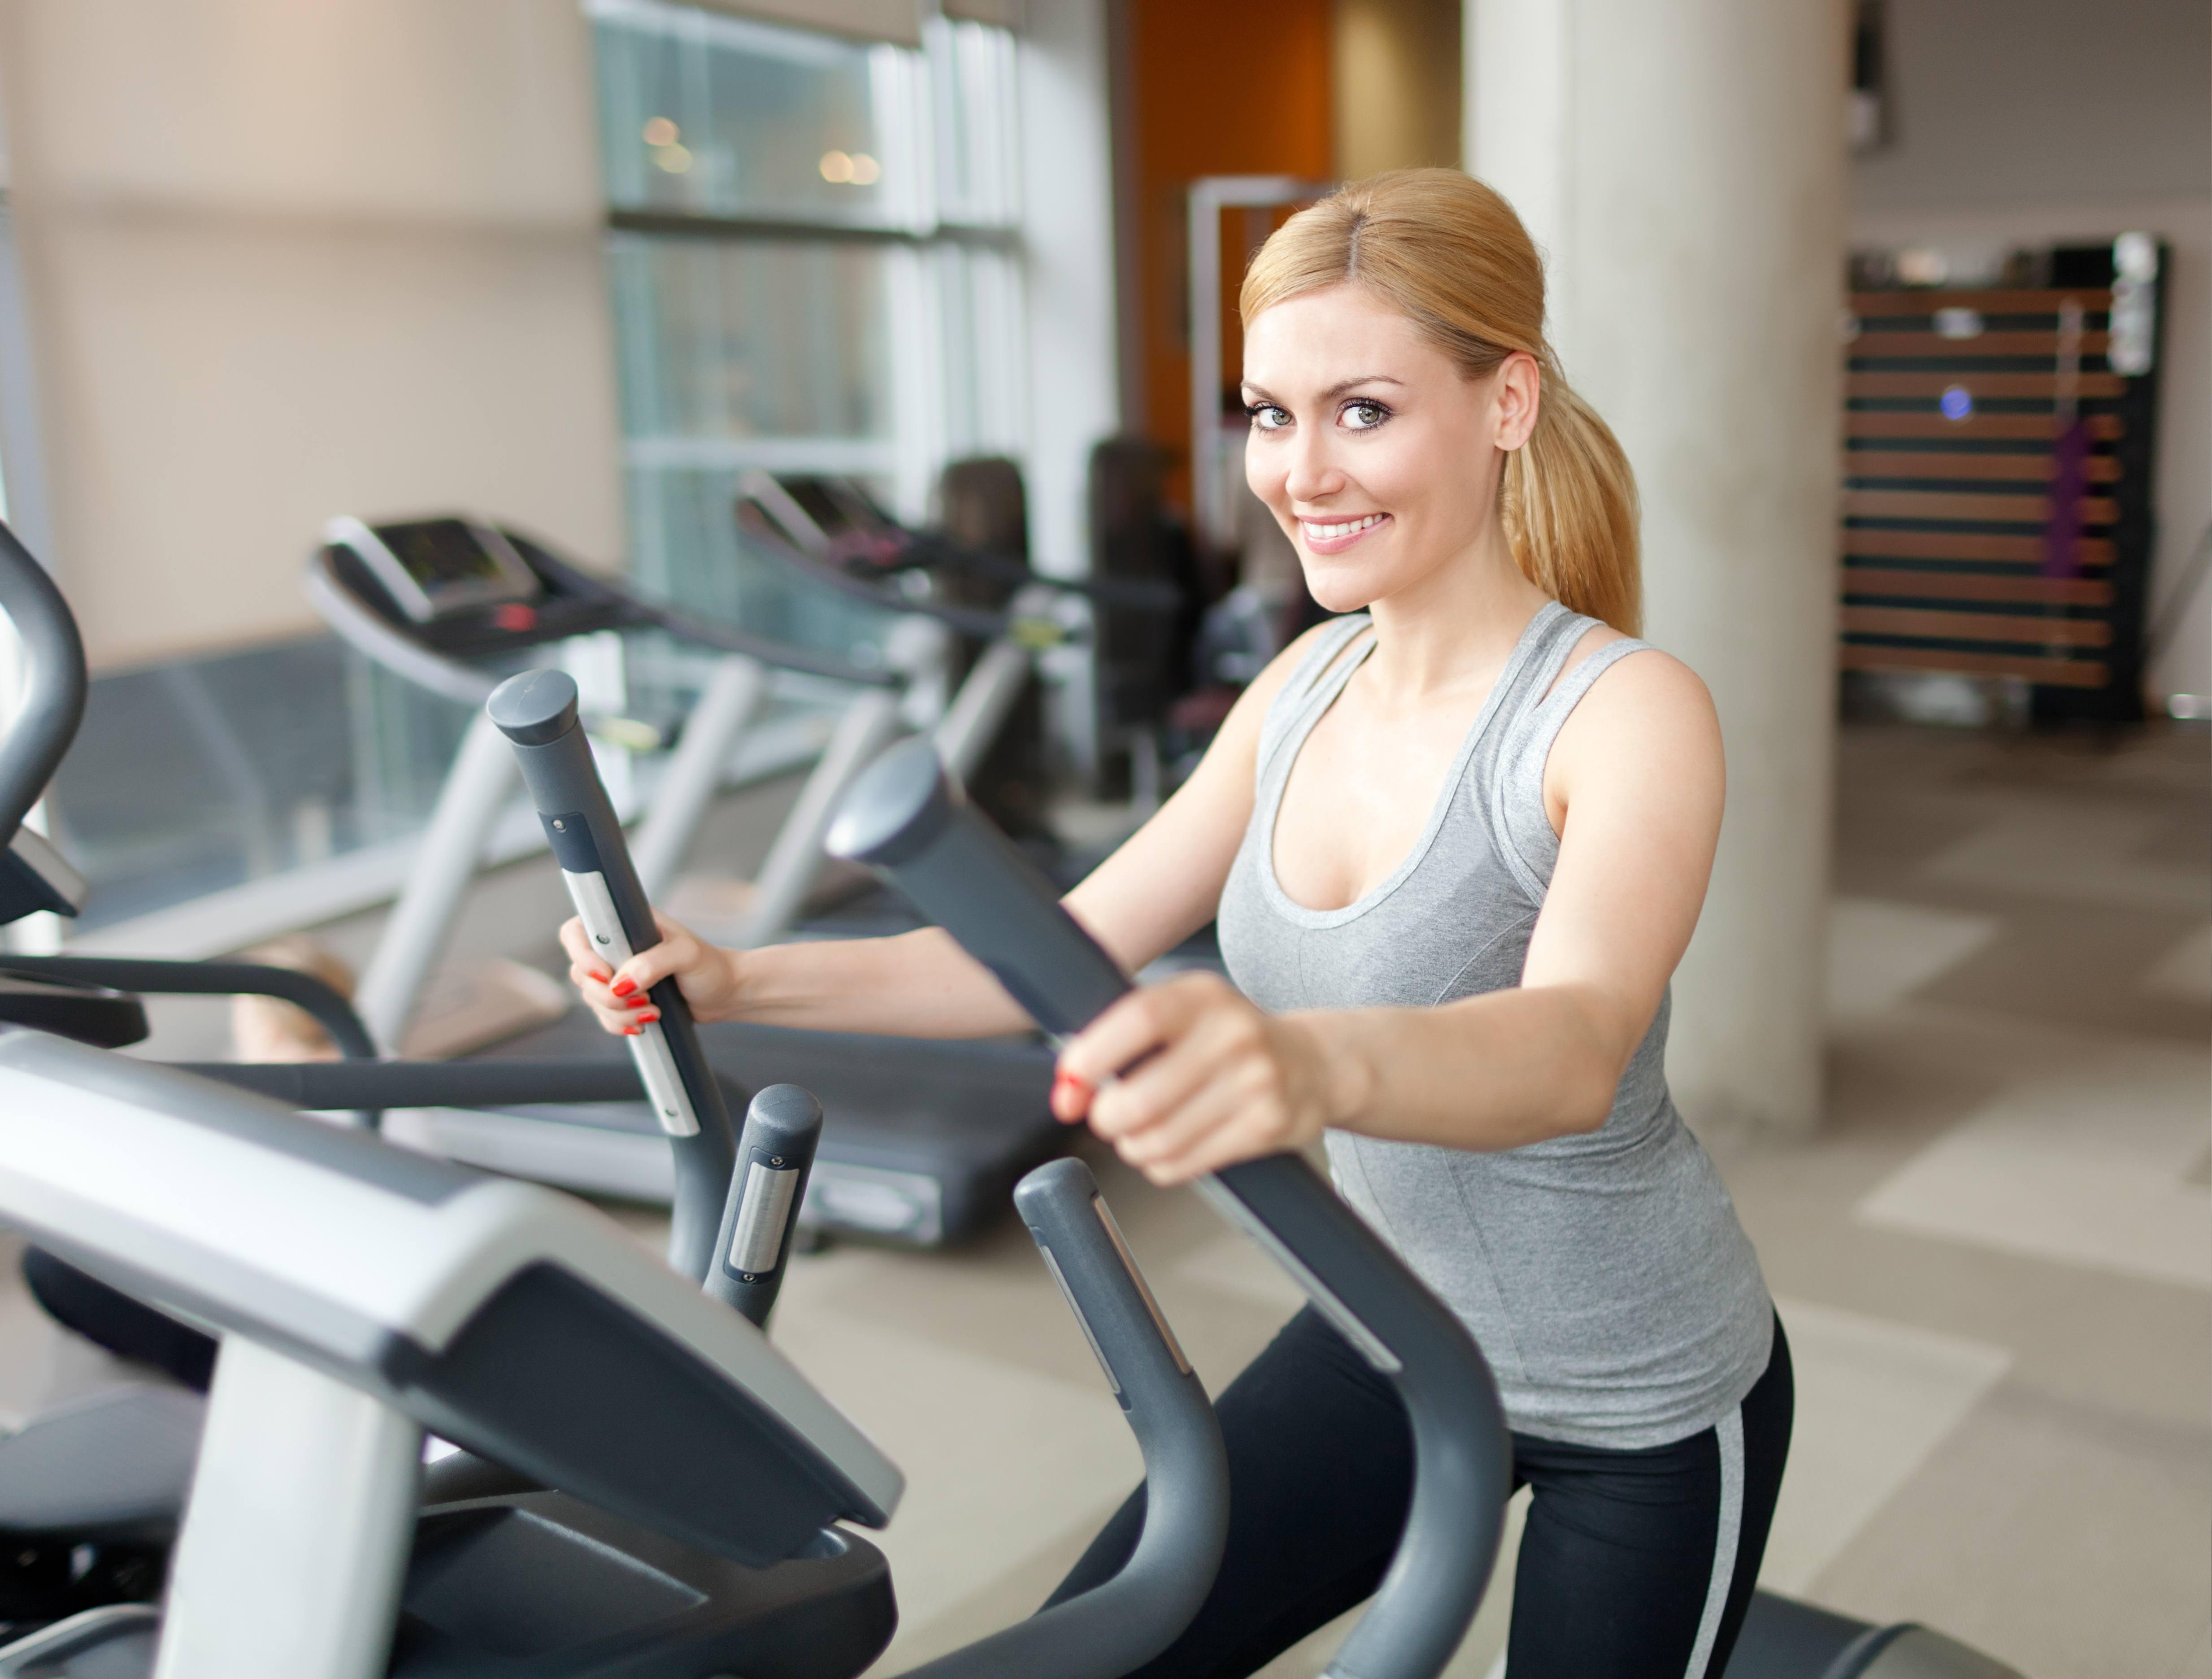 Как заниматься на эллипсоиде чтобы похудеть отзывы